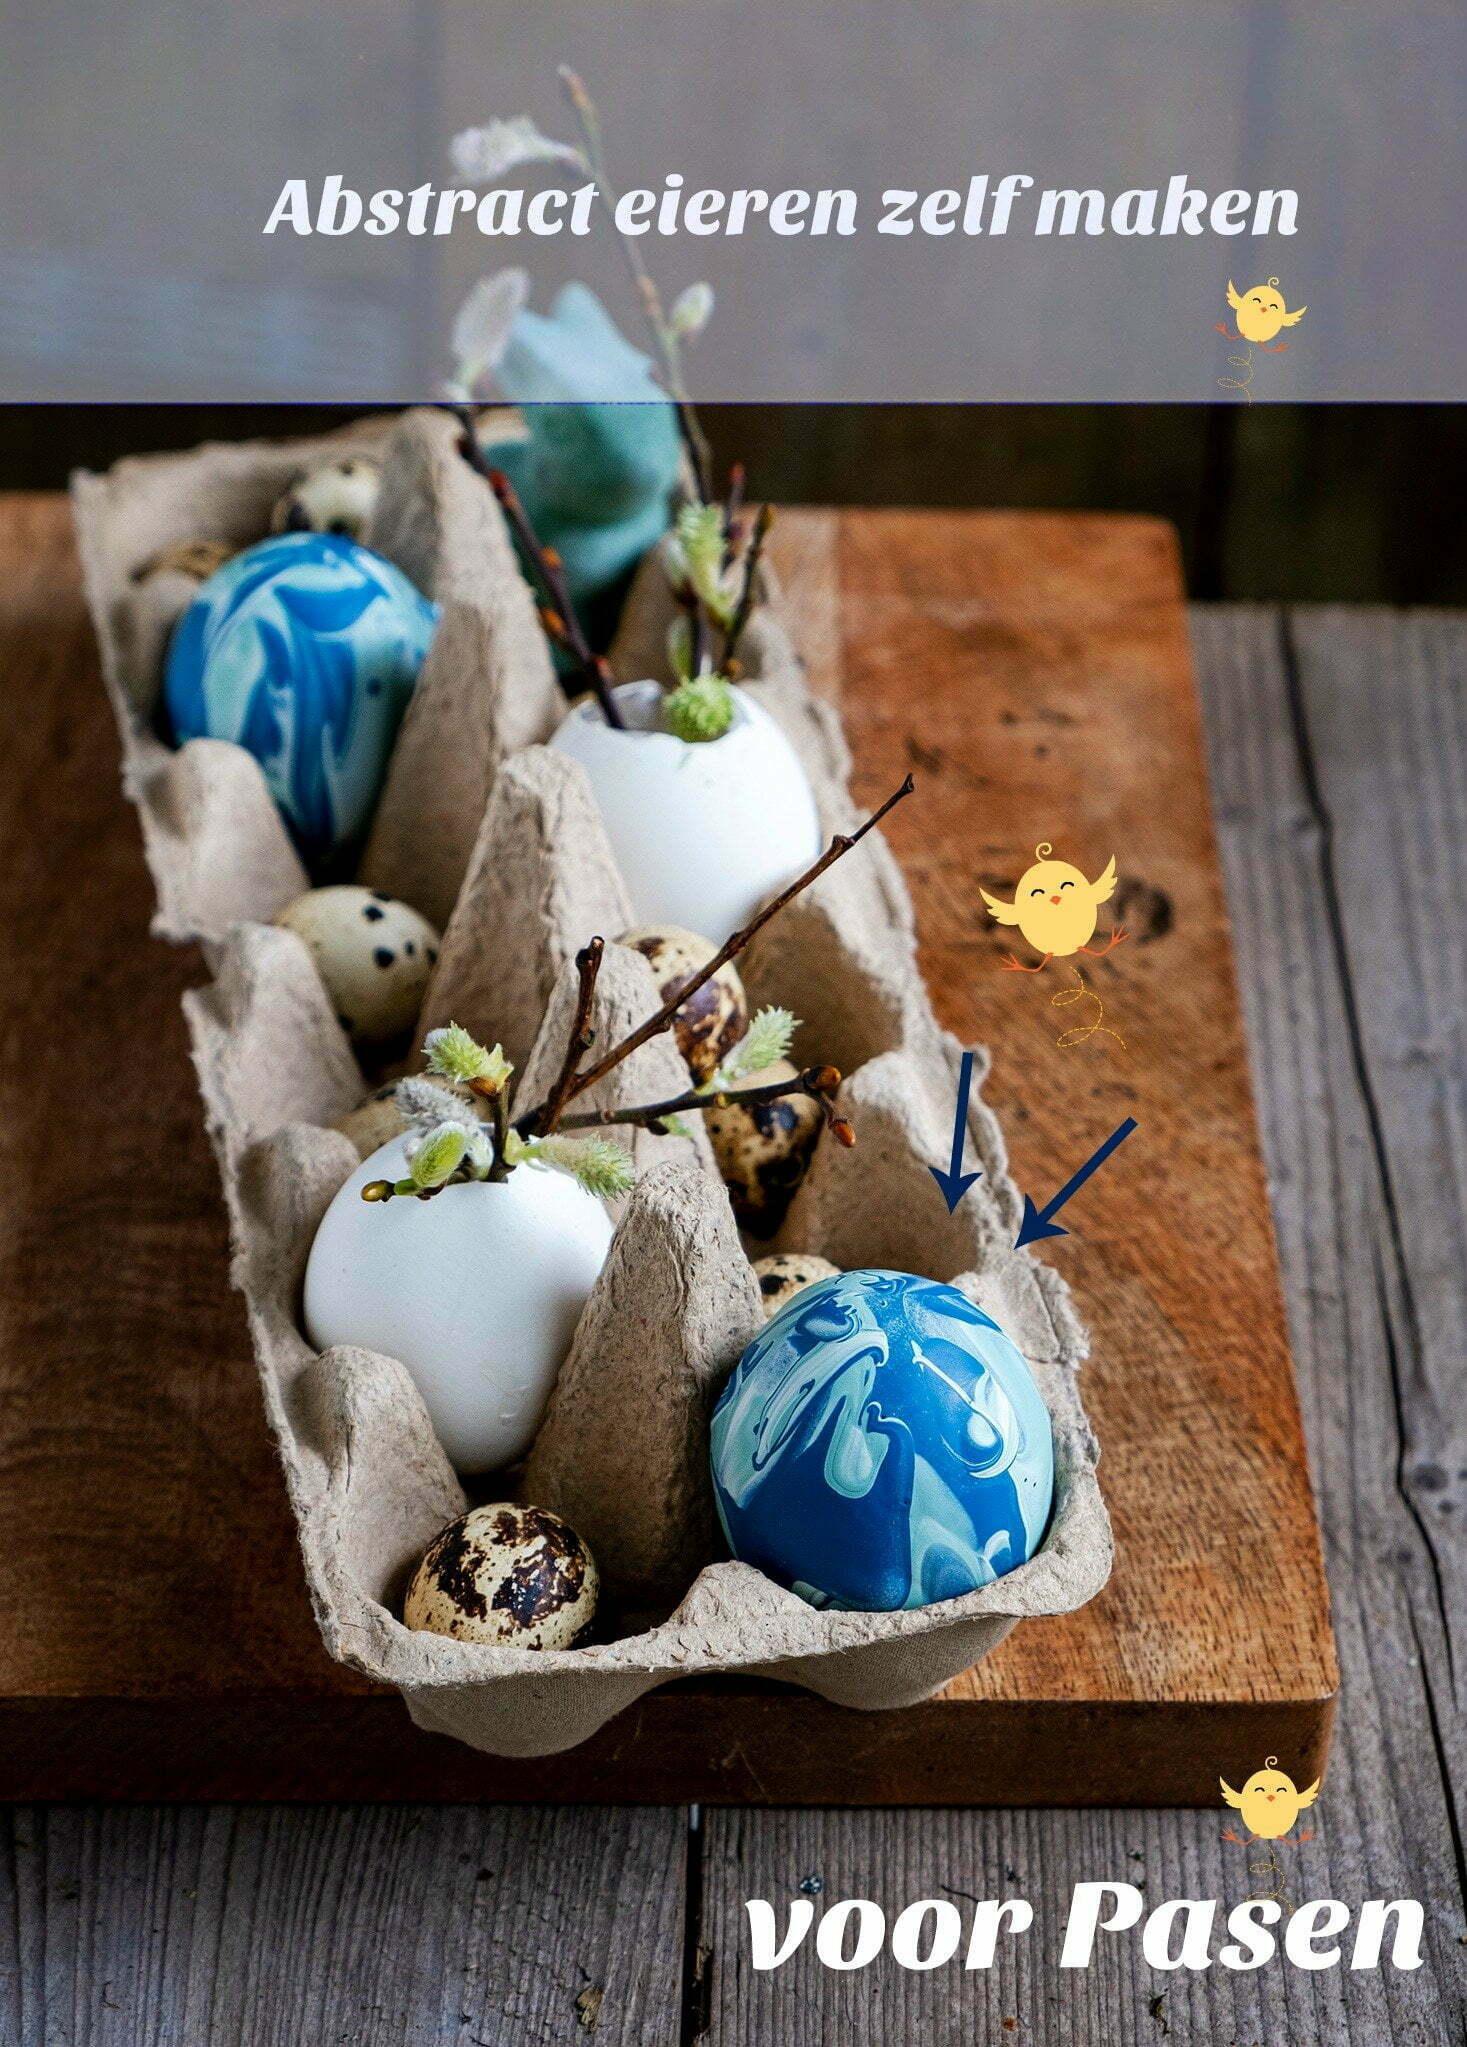 Abstract eieren zelf maken voor Pasen